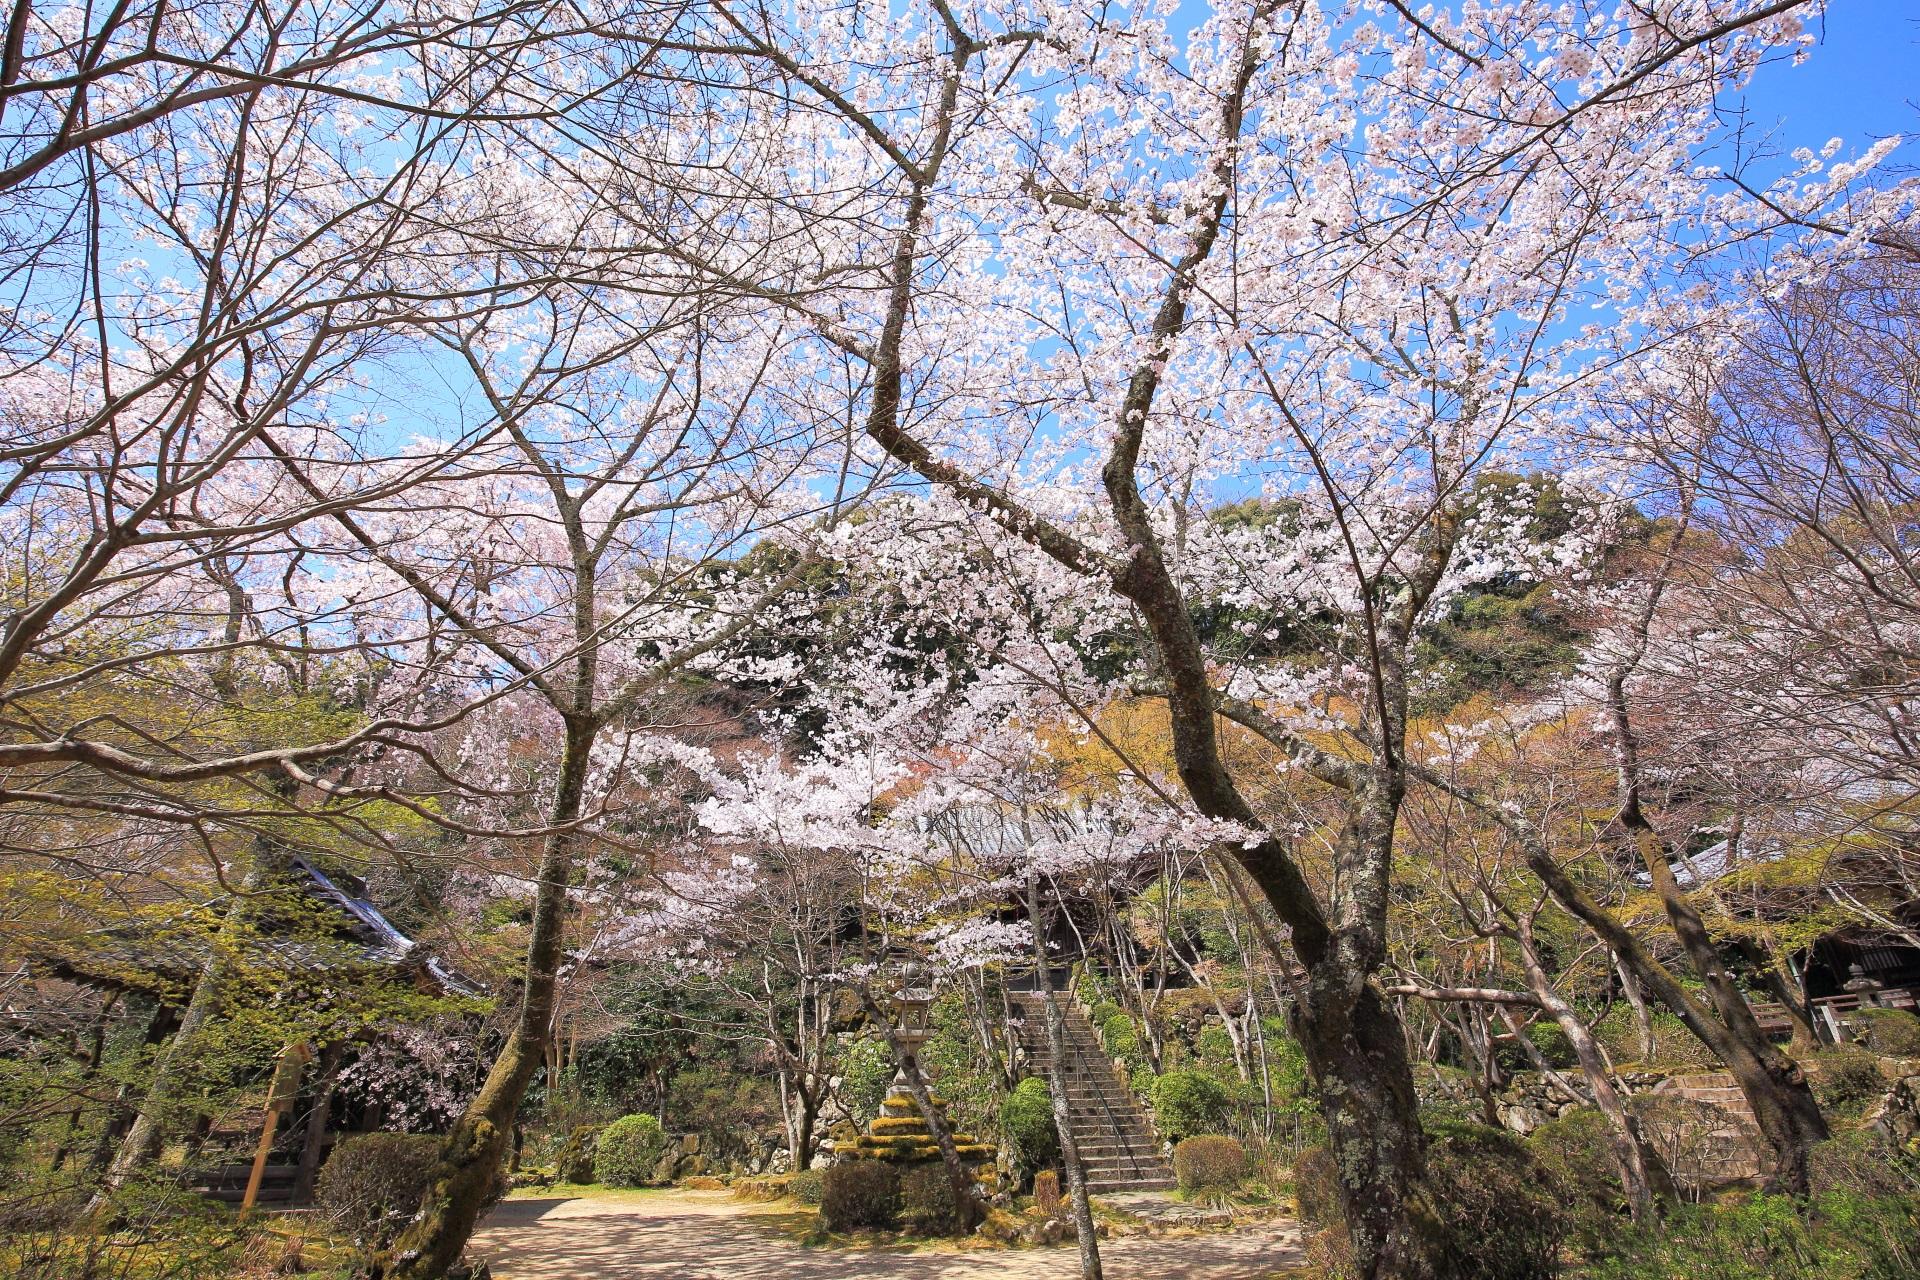 勝持寺の不動堂や鐘楼前の桜